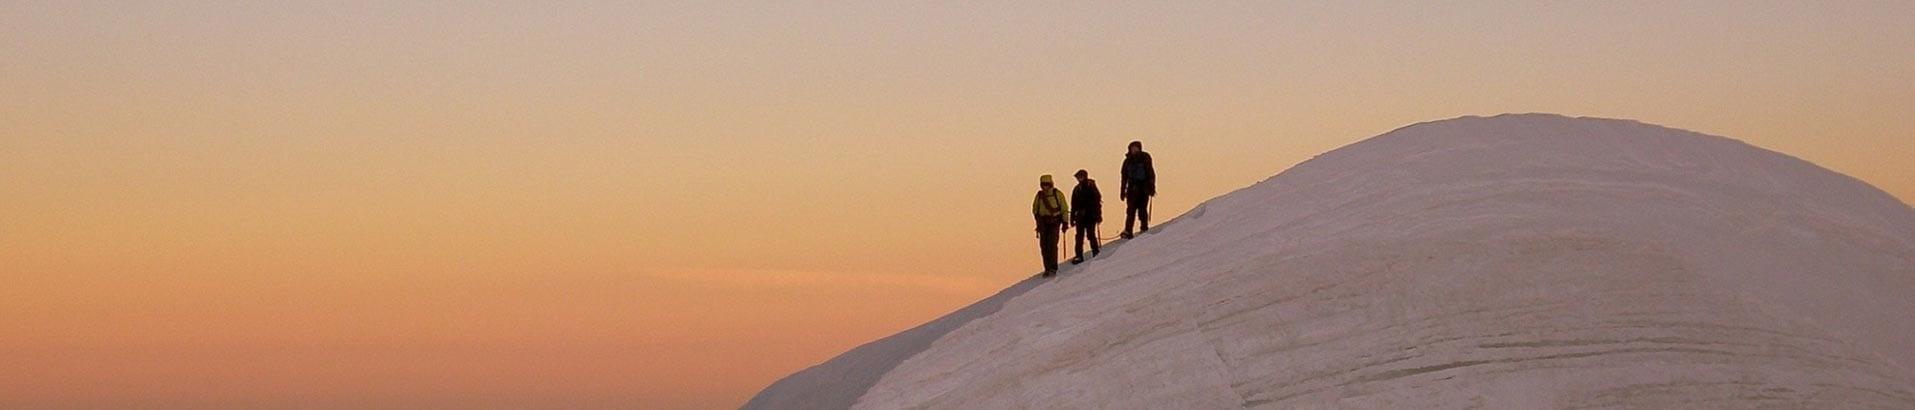 """Фотография альпинистов для раздела """"Восхождения"""" на мобильных устройствах"""